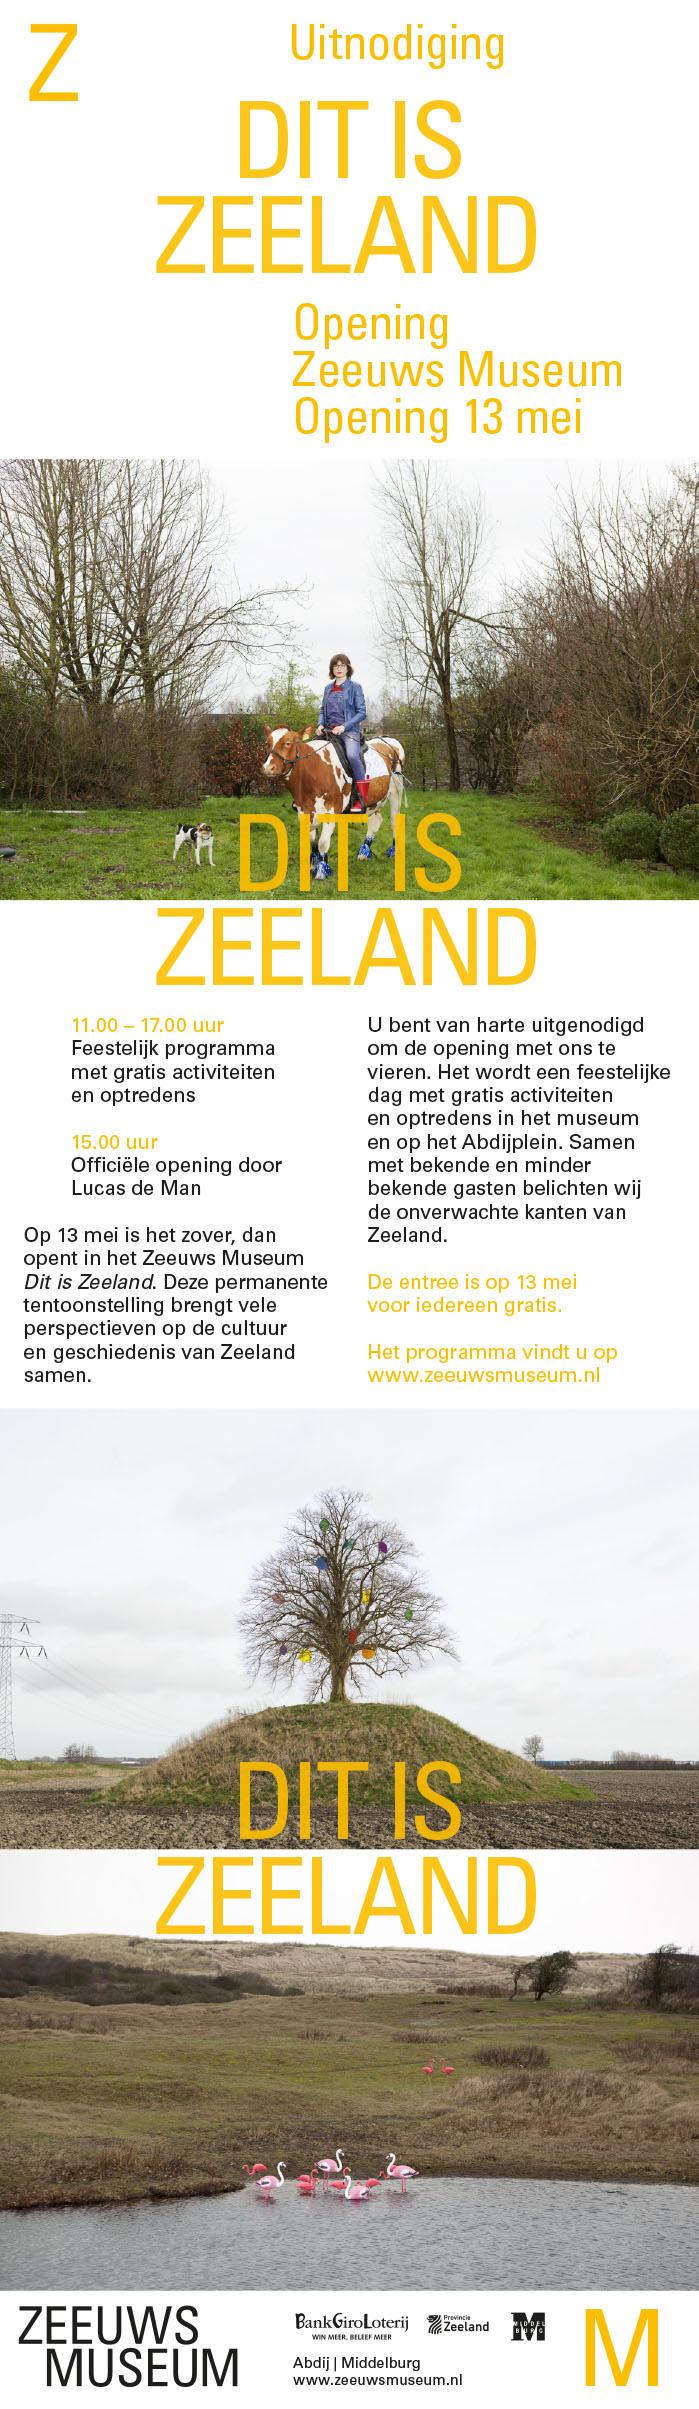 Dit is Zeeland Zeeuws Museum